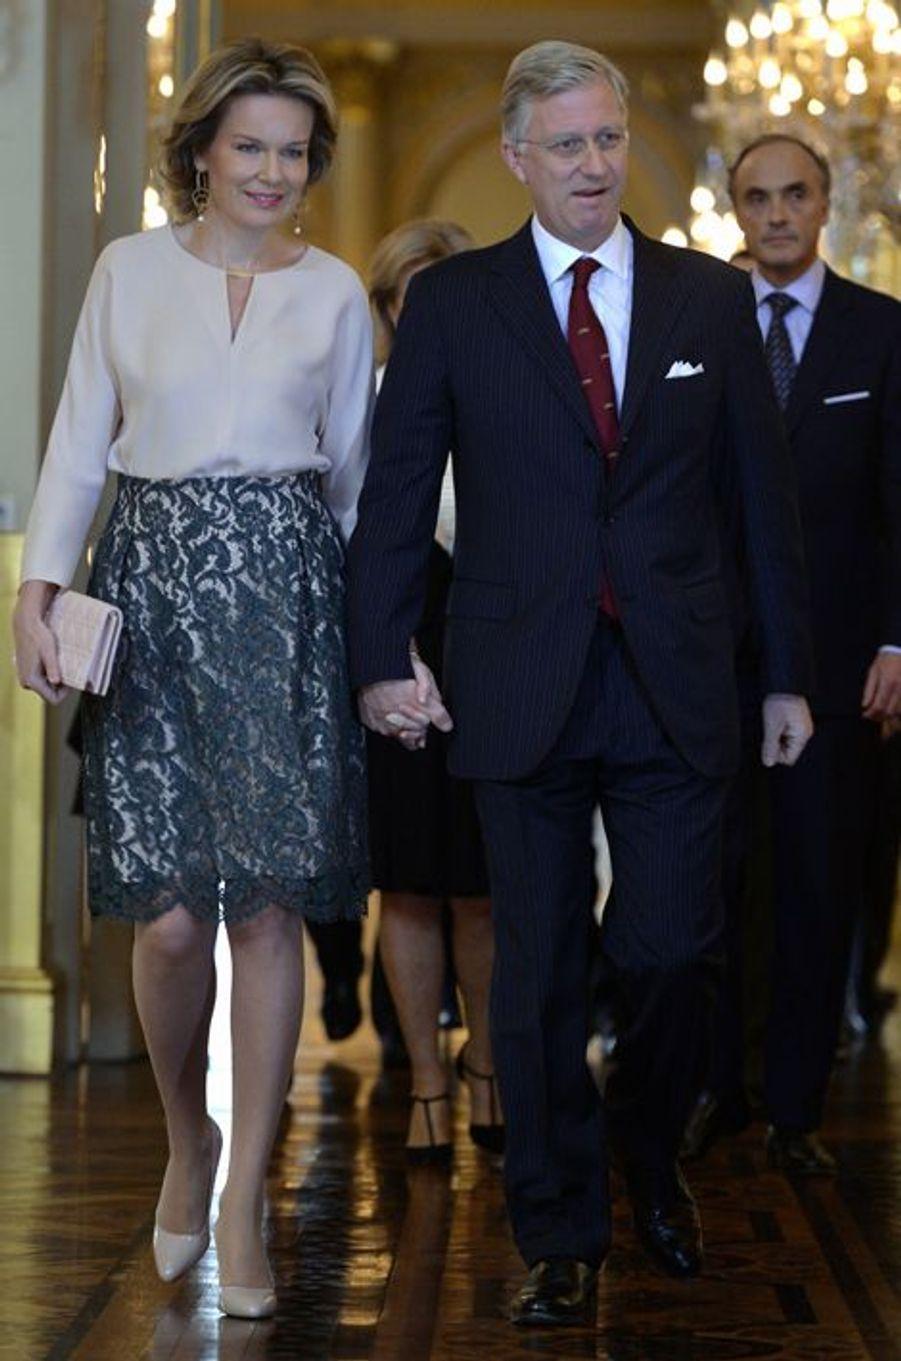 La reine Mathilde et le roi Philippe de Belgique avec le prince Lorenz au Palais royal à Bruxelles, le 28 janvier 2016